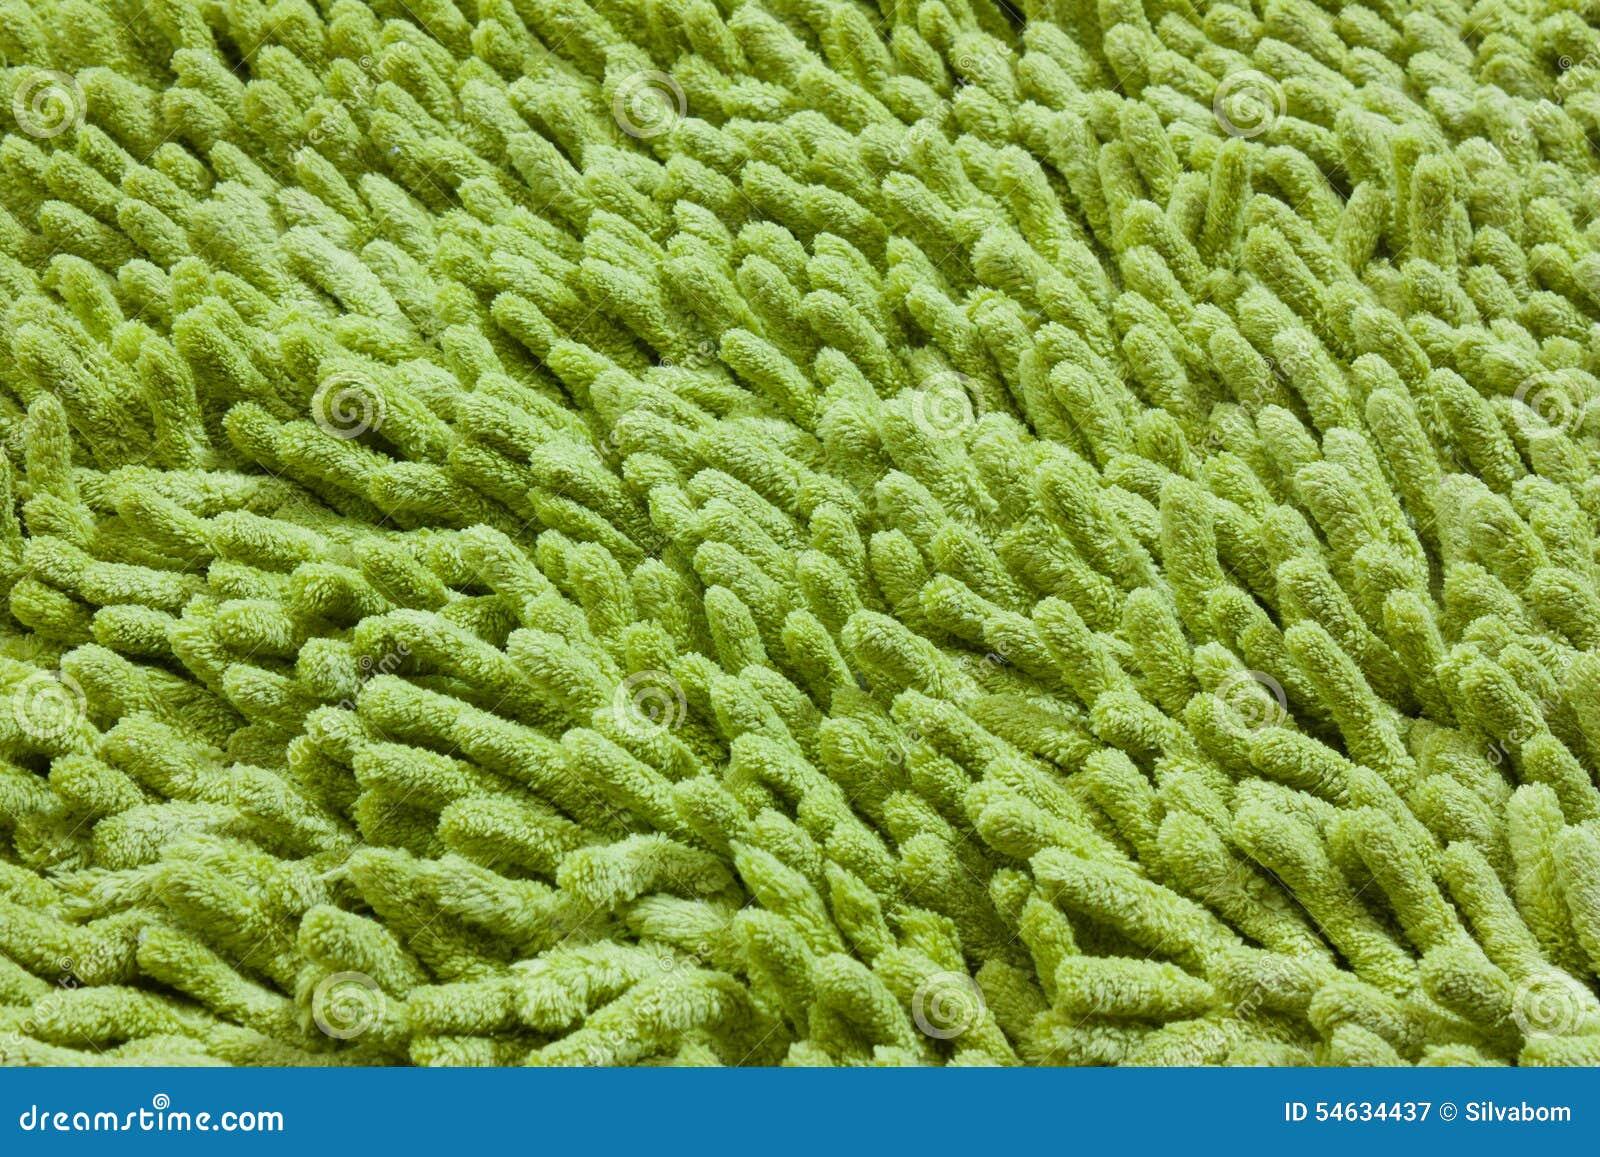 Grüner teppich  Grüner Teppich-Hintergrund Stockfoto - Bild: 54634437